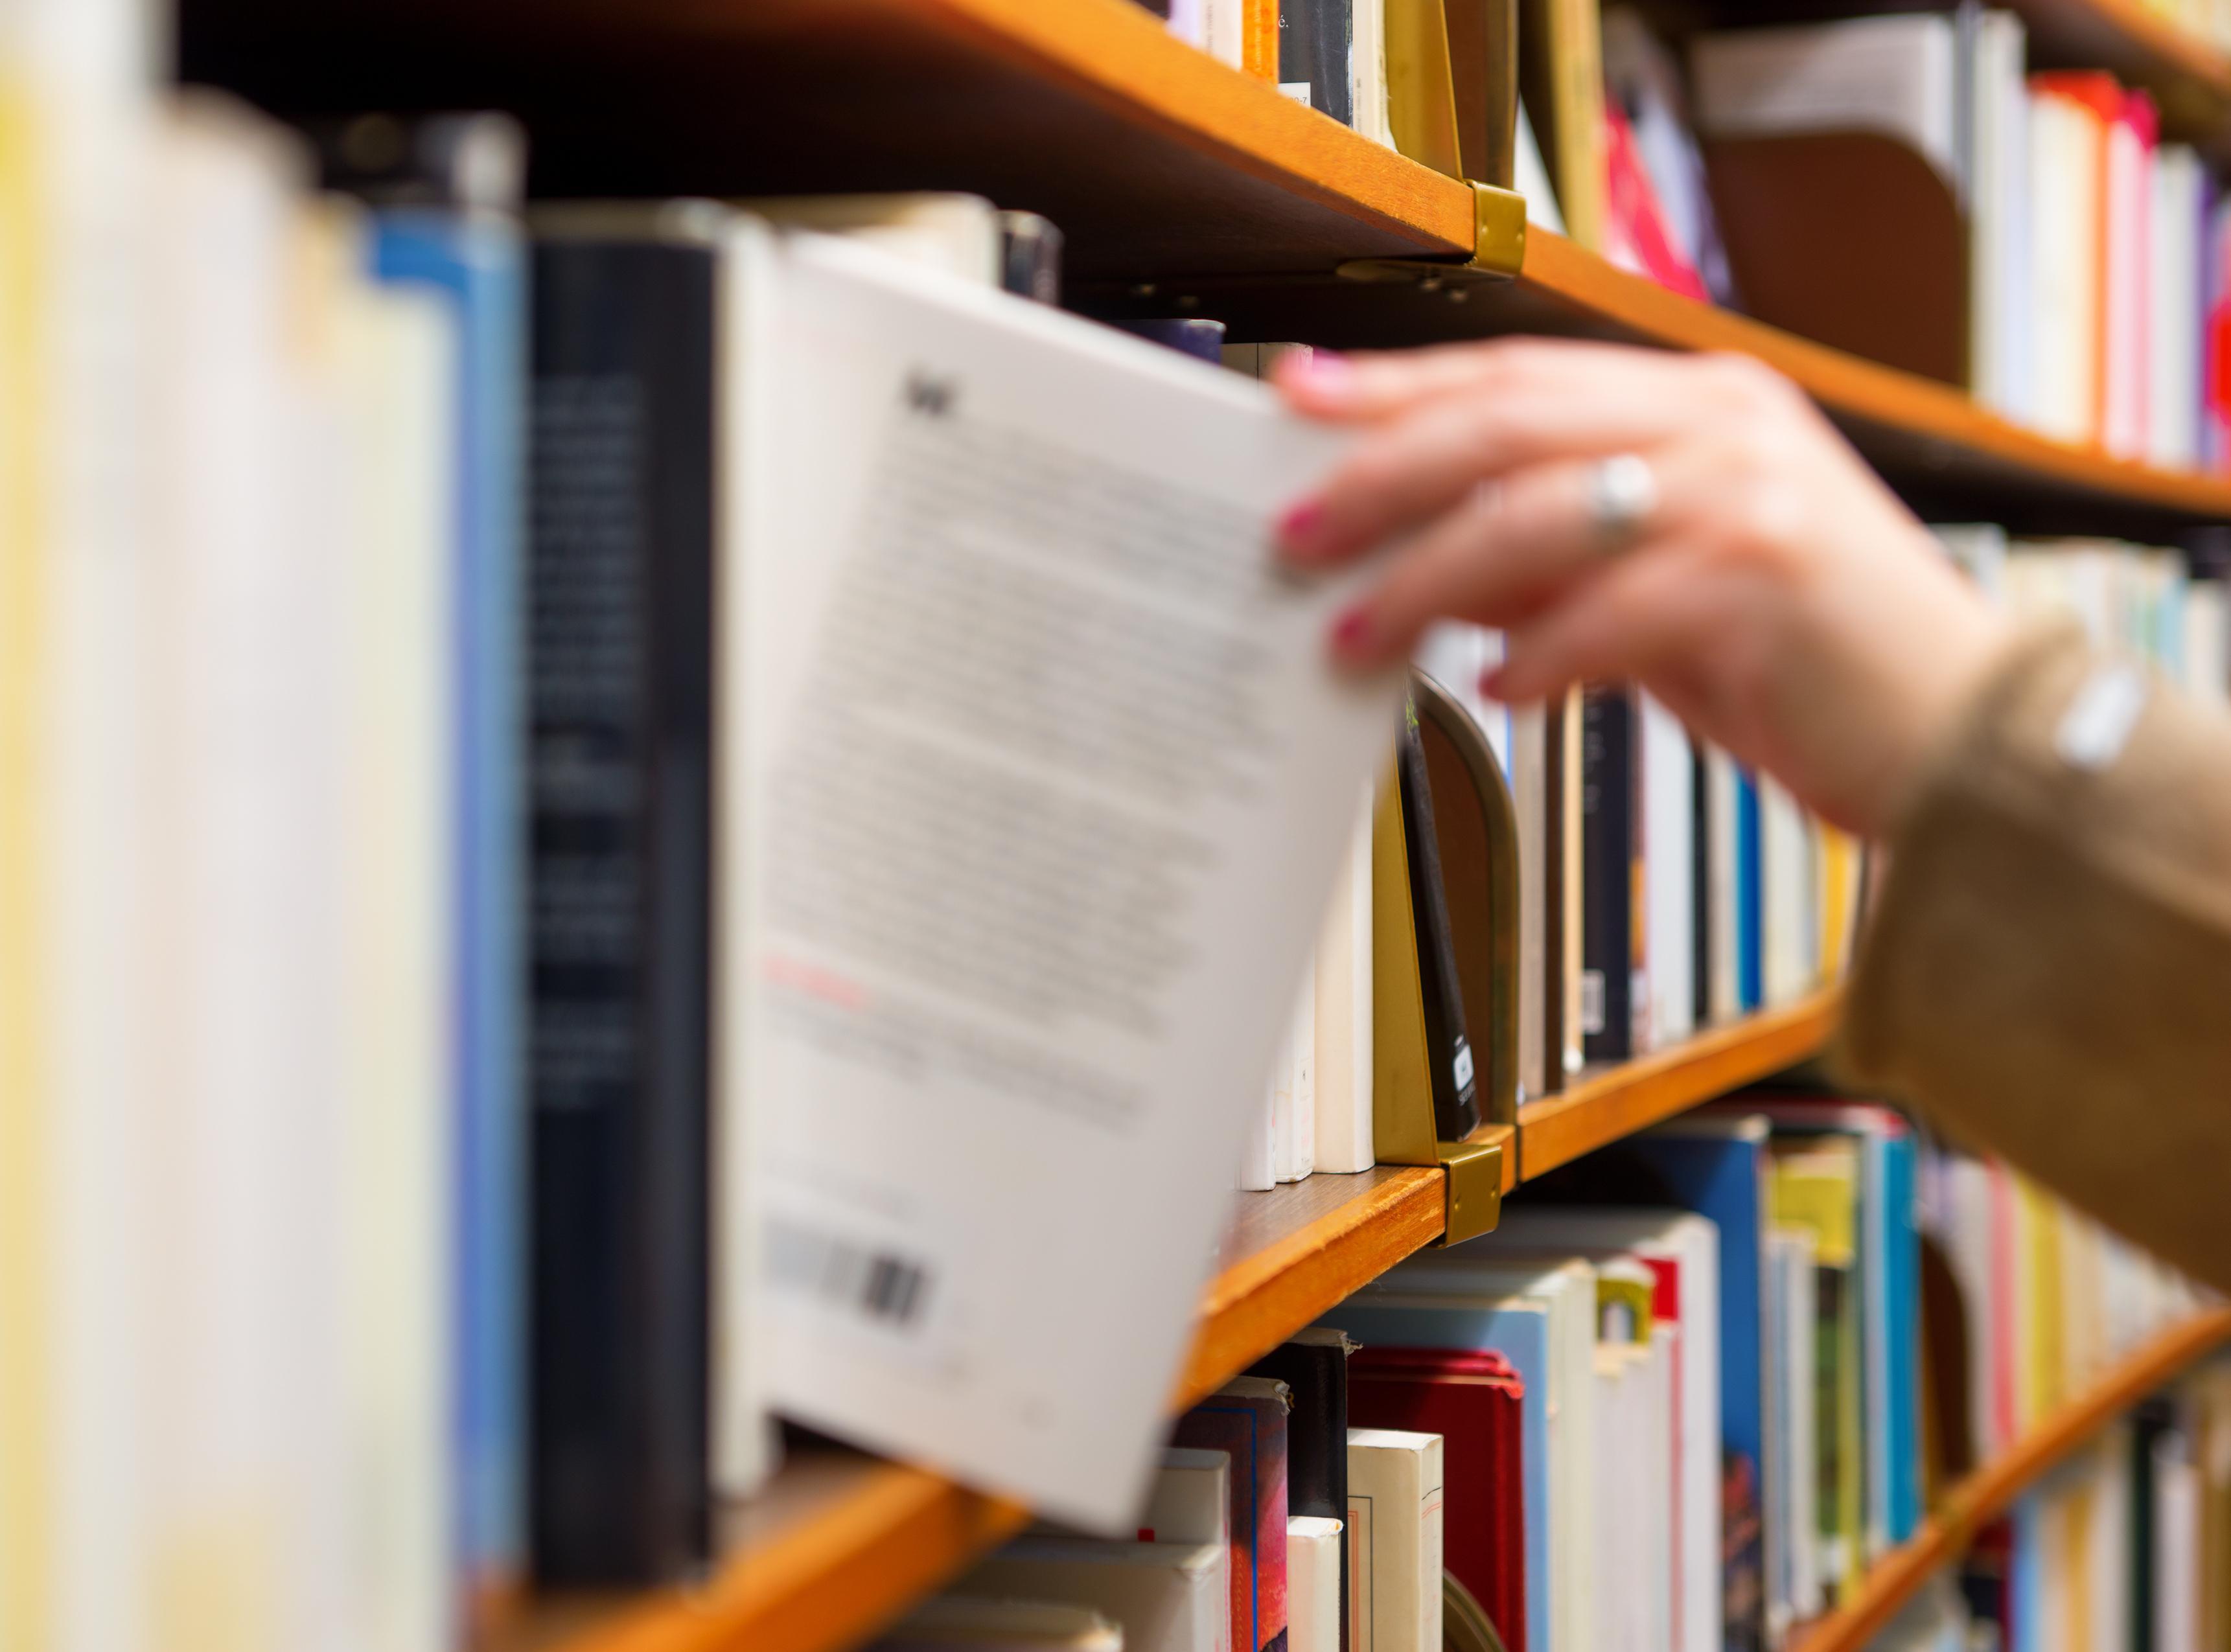 I en bokhylle har ikke en liten høyttaler noe å gjøre. Foto: Shutterstock